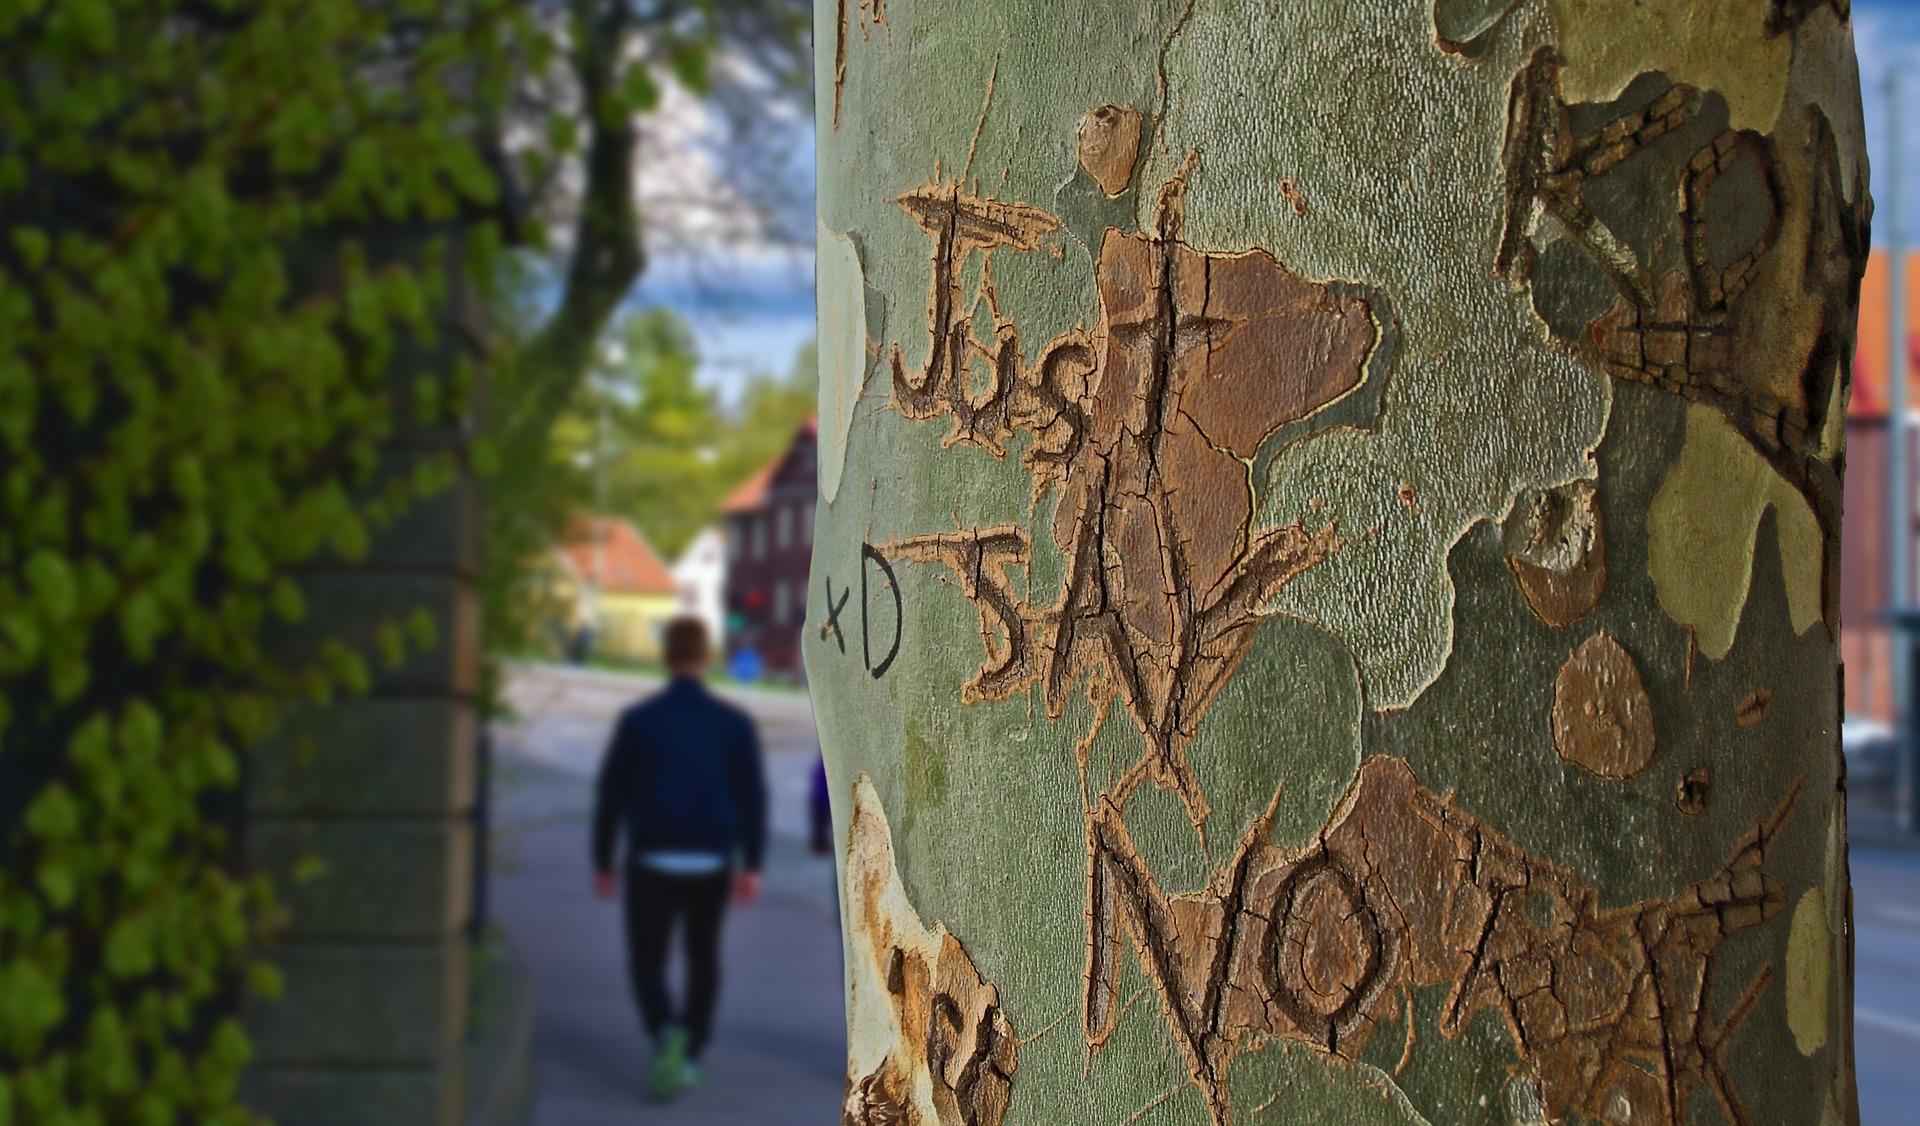 """Ein Baumstamm, auf den die Worte """"Just Say No"""" eingeritzt sind."""